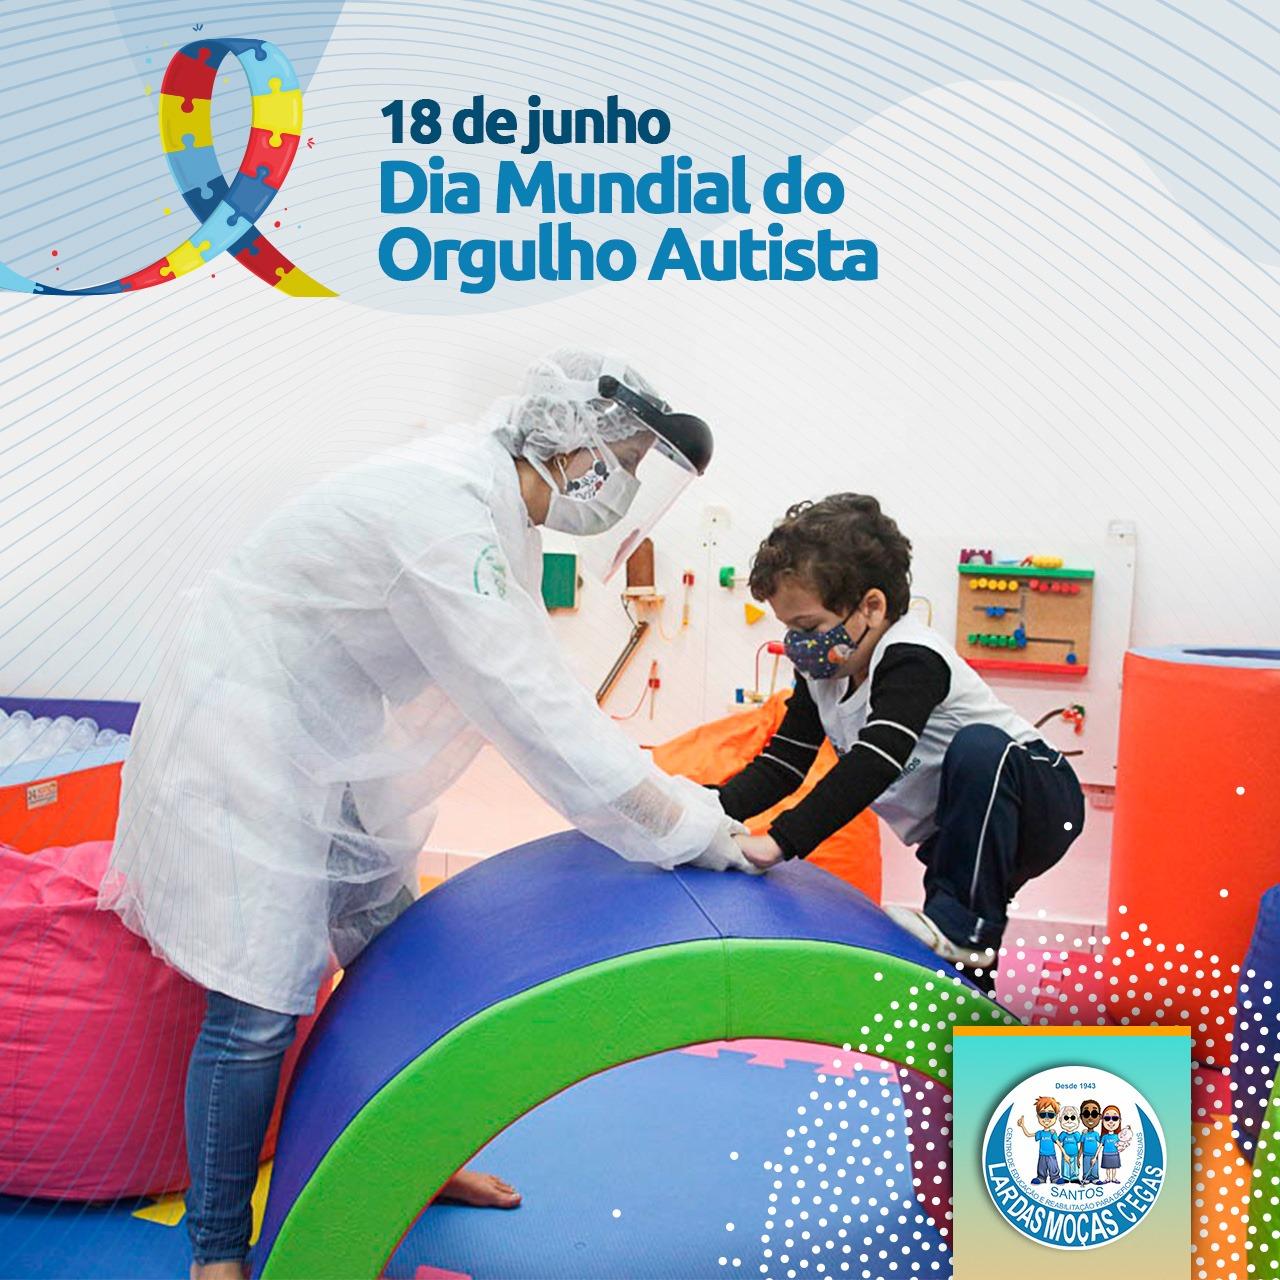 18 de junho – Dia do Orgulho Autista